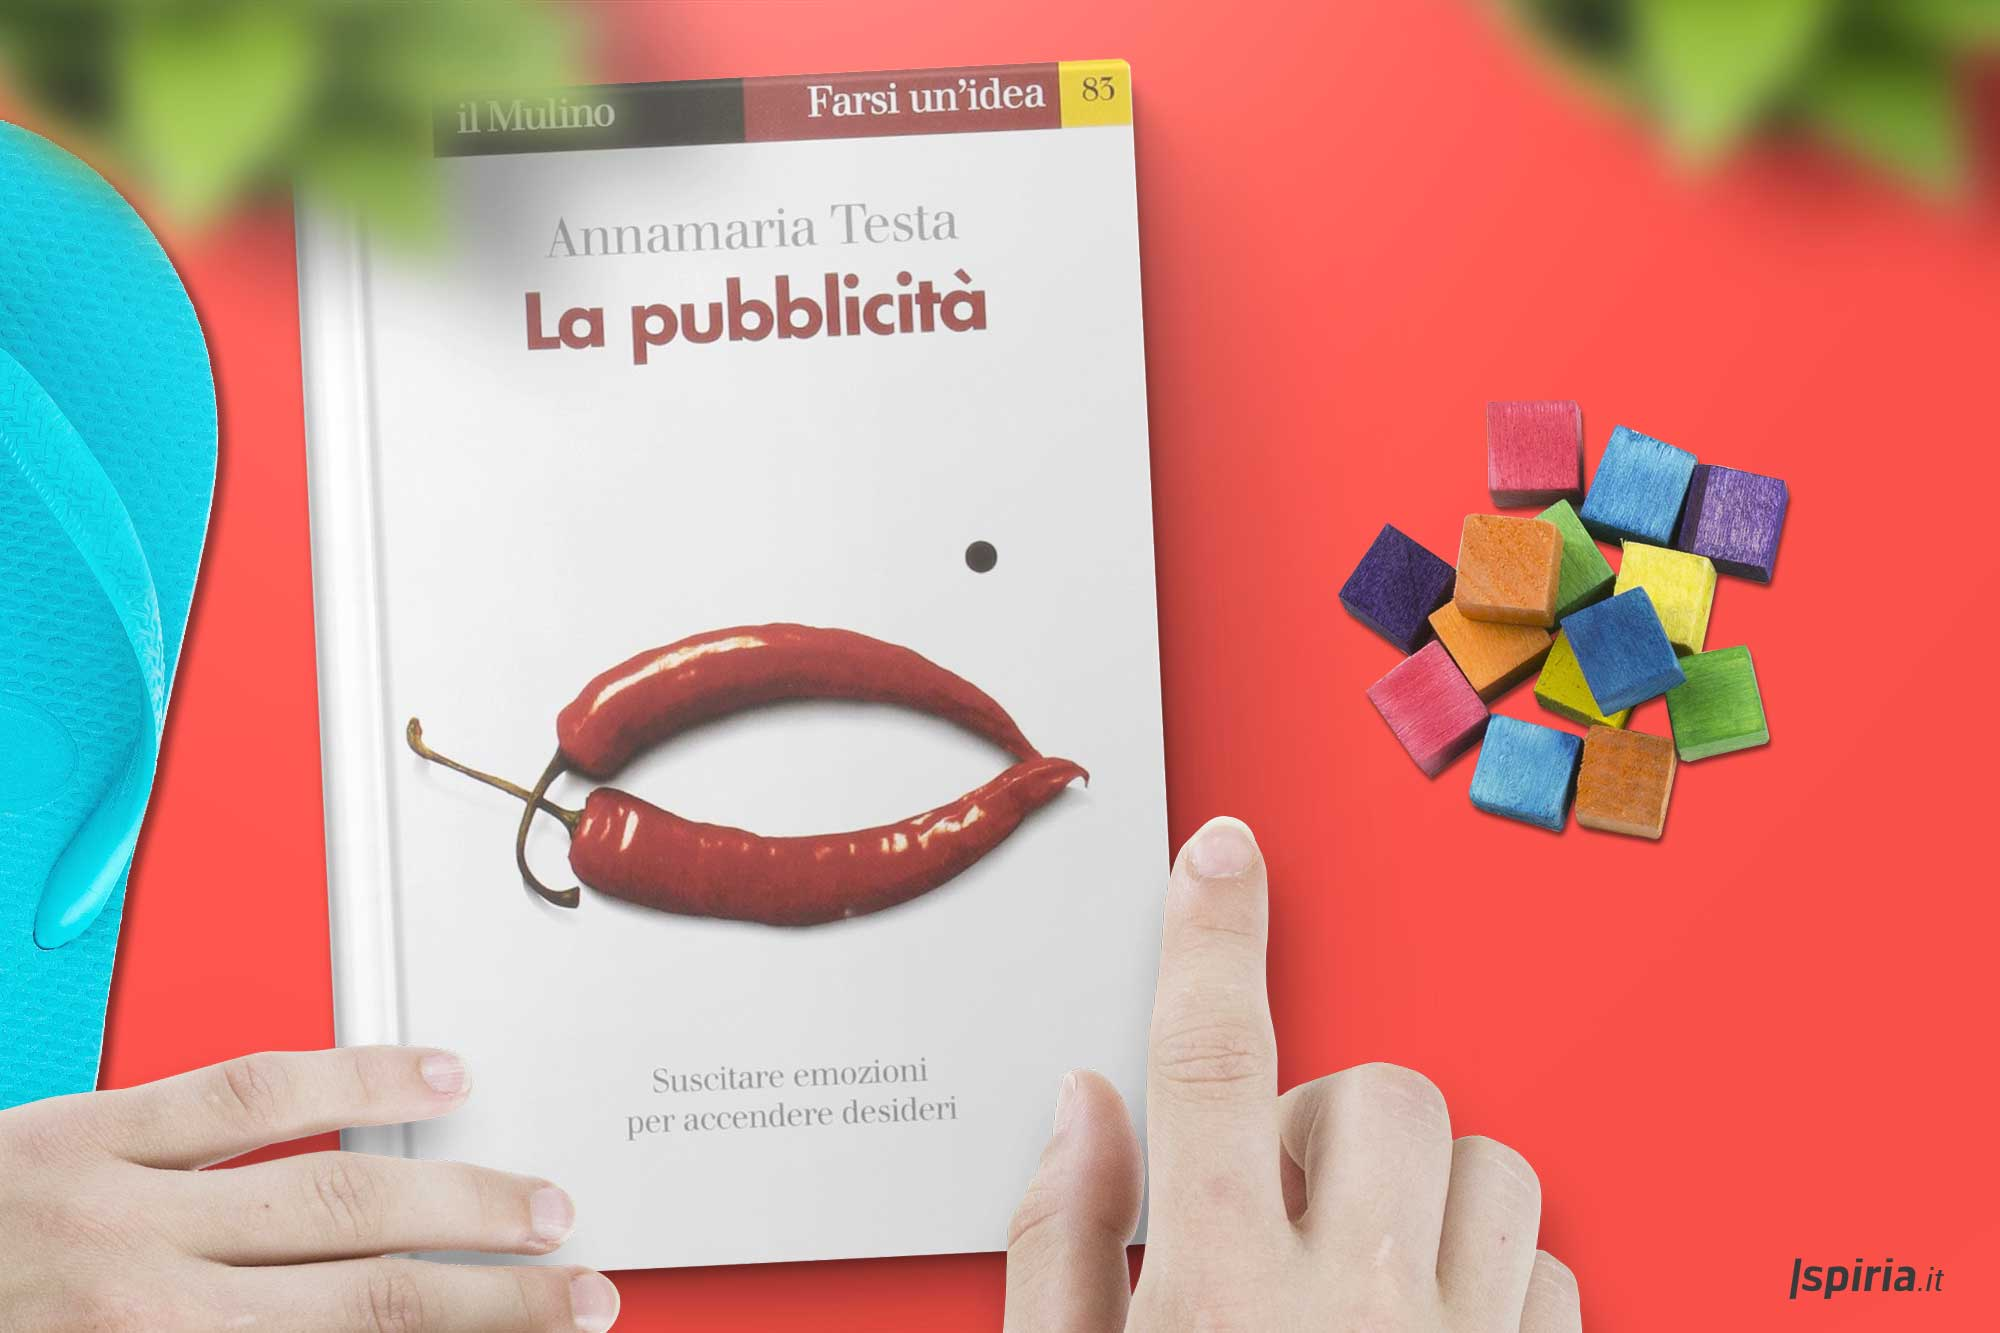 Libri Sulla Pubblicità | Migliore Libro Di Pubblicità E Advertising Da Leggere